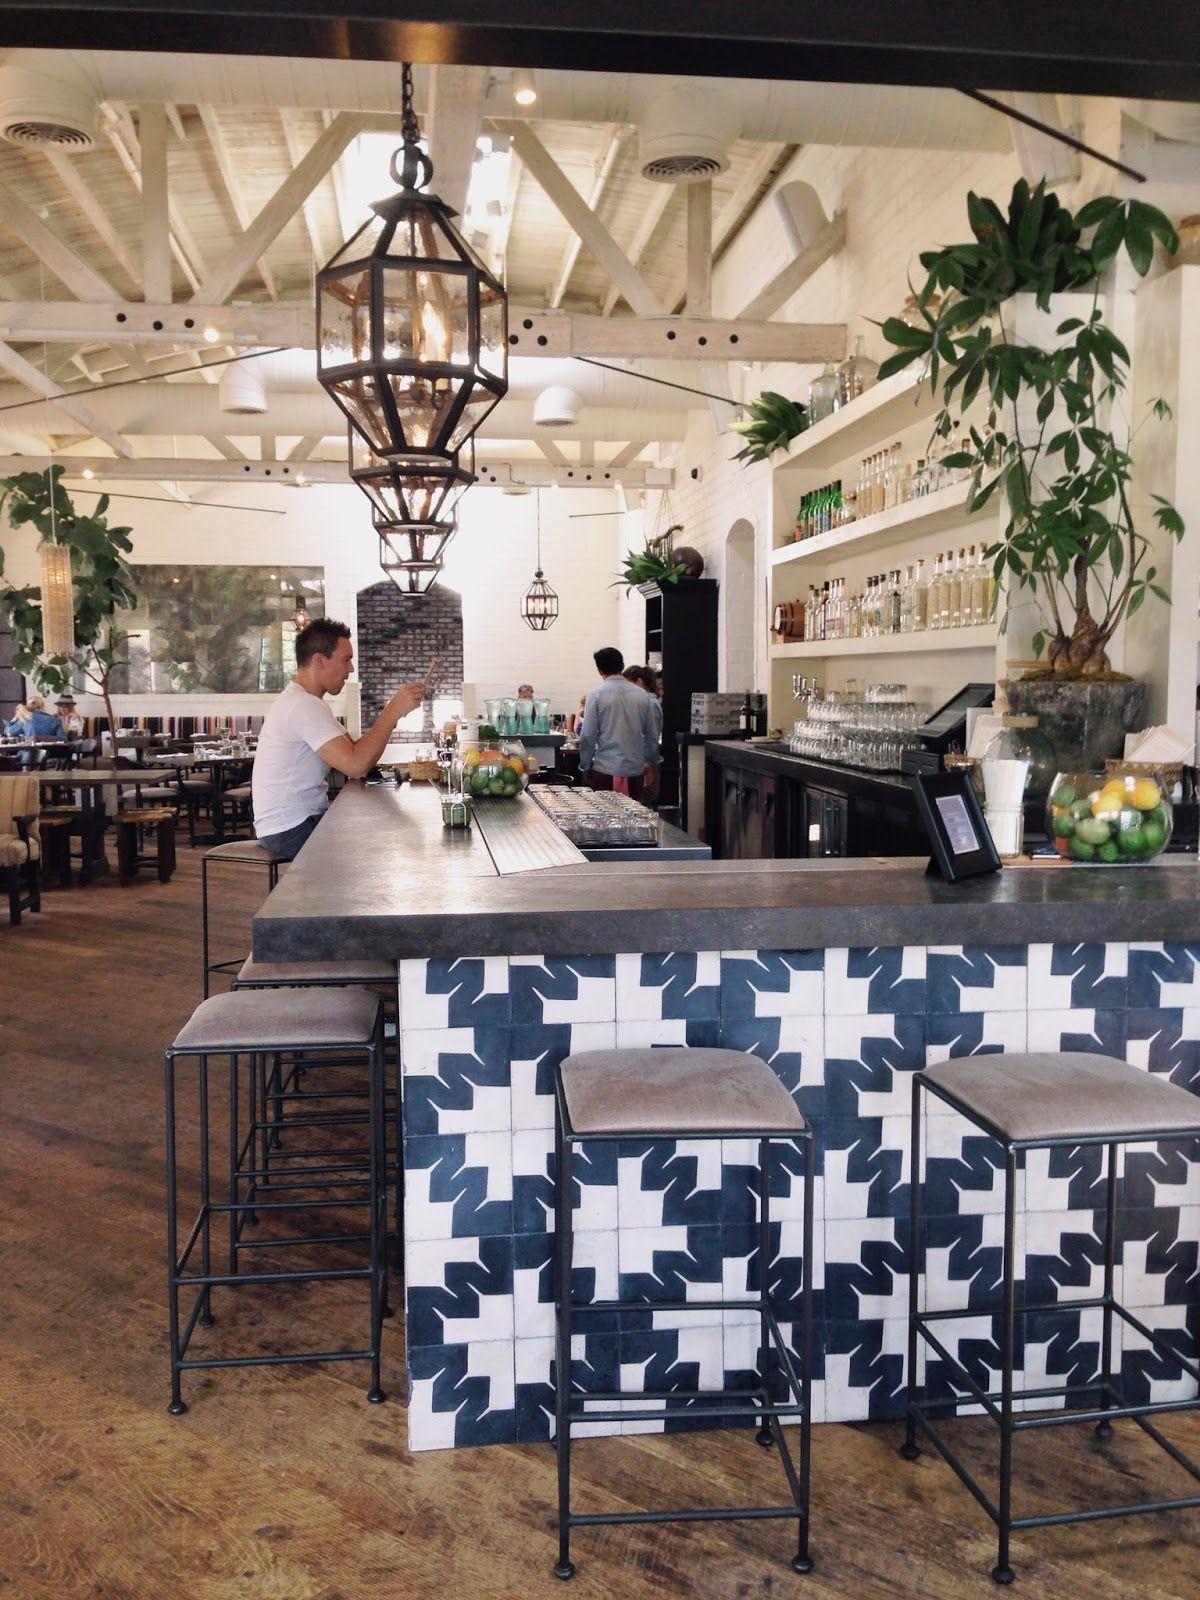 gracias madre via greige: interior design ideas and inspiration